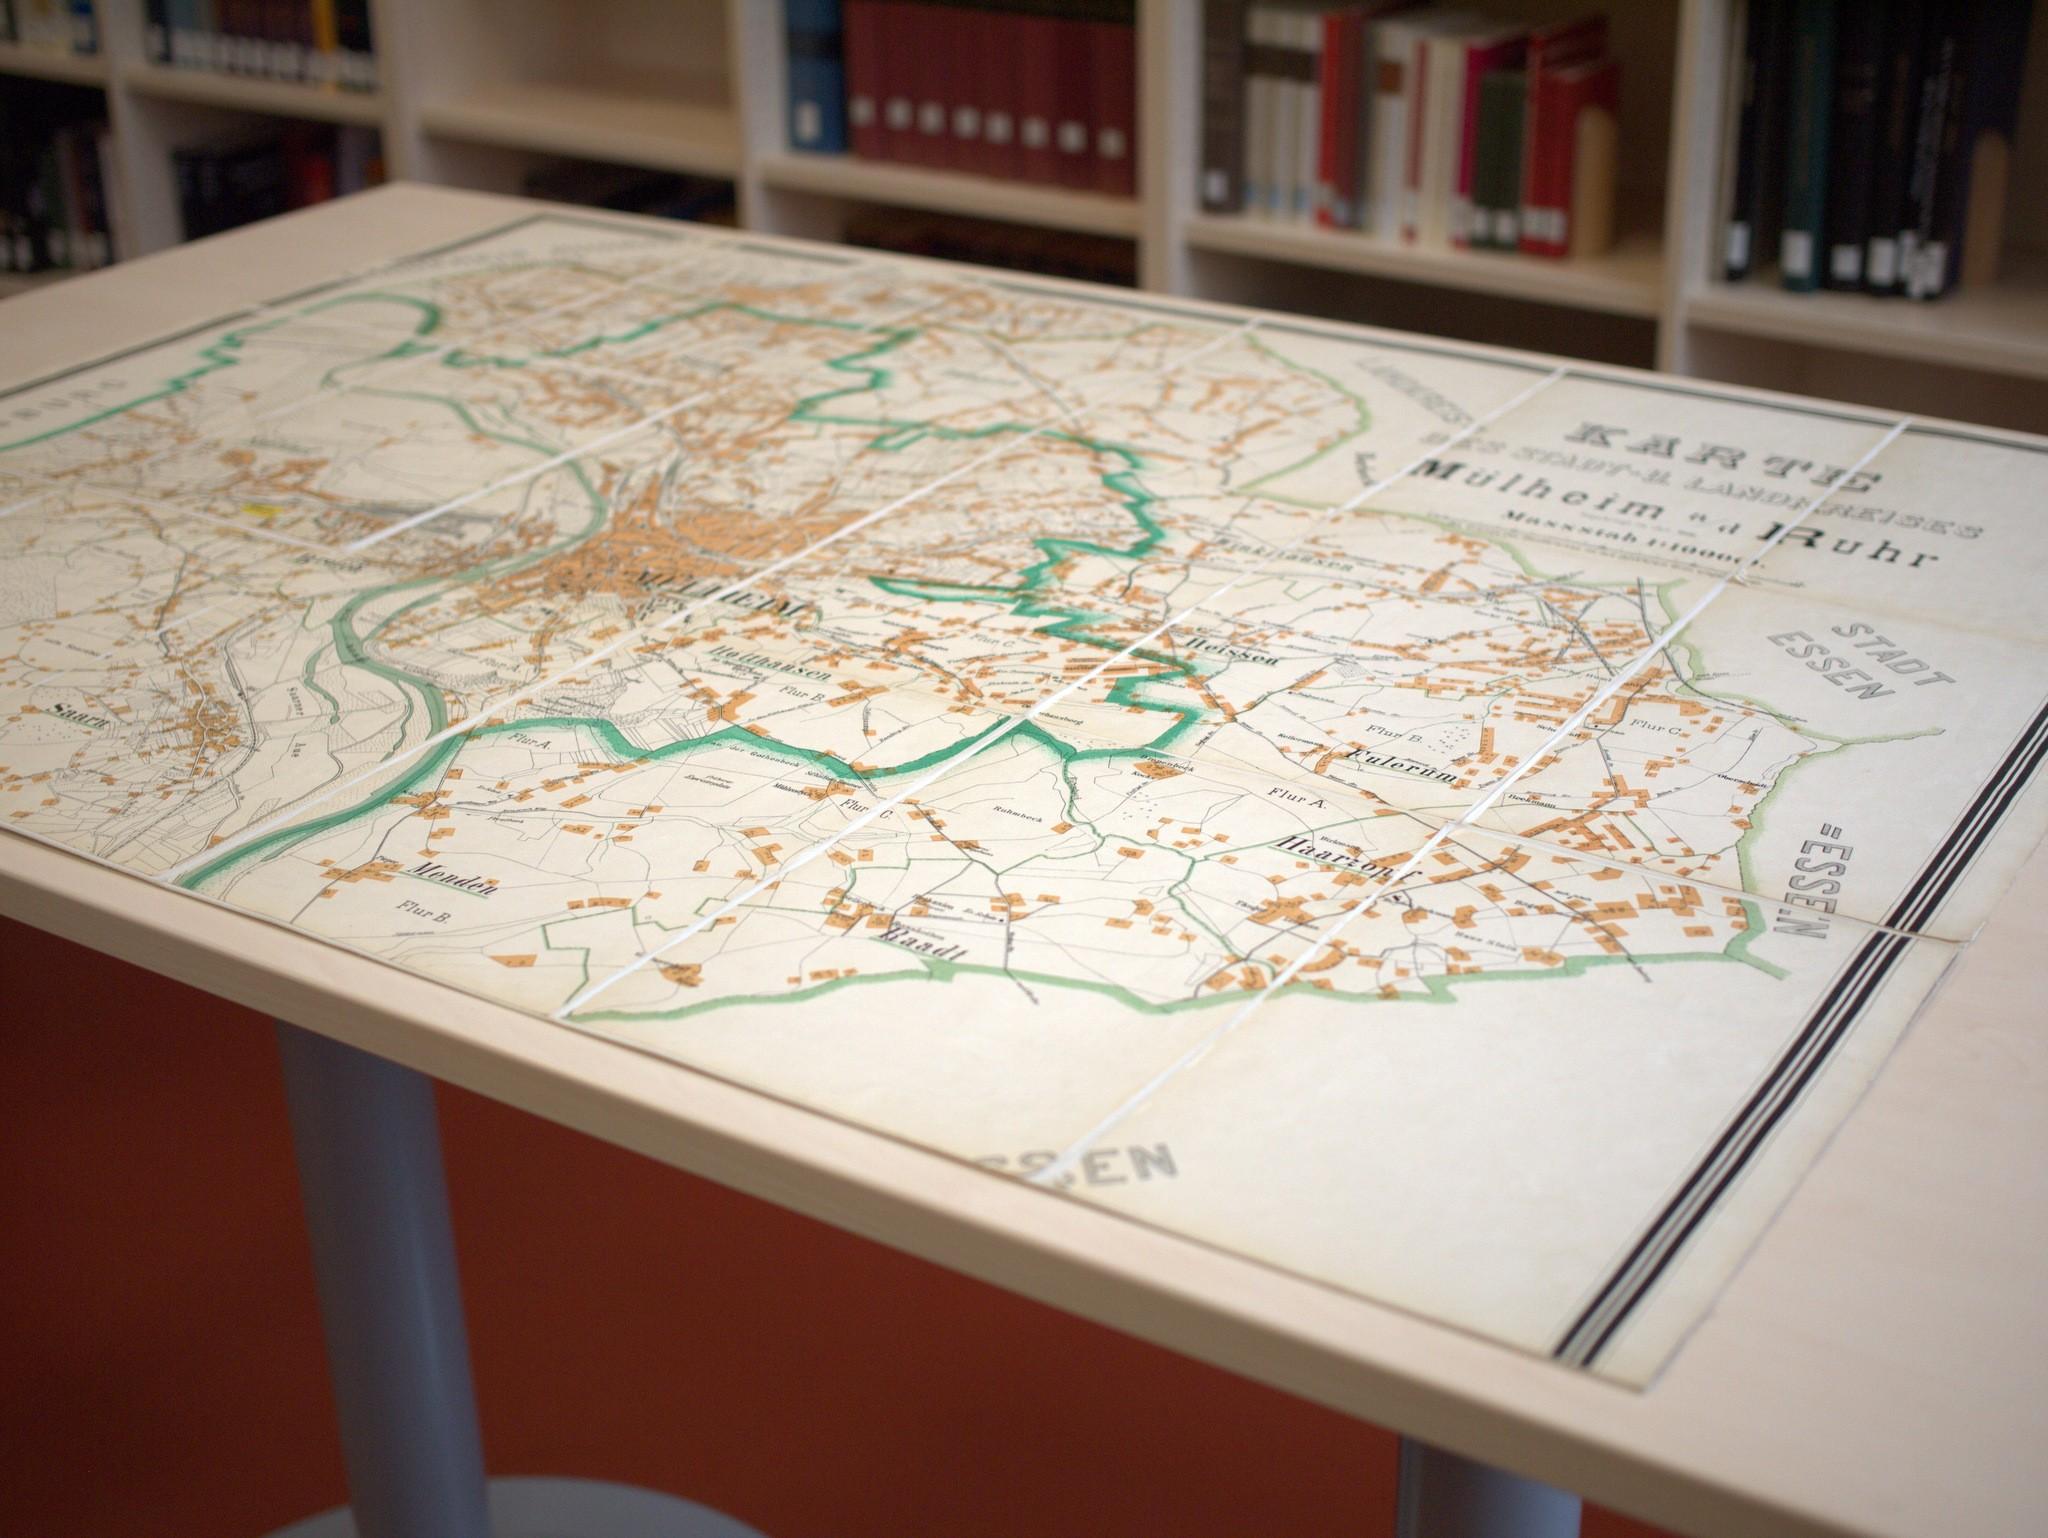 Historische Karte von Mülheim an der Ruhr